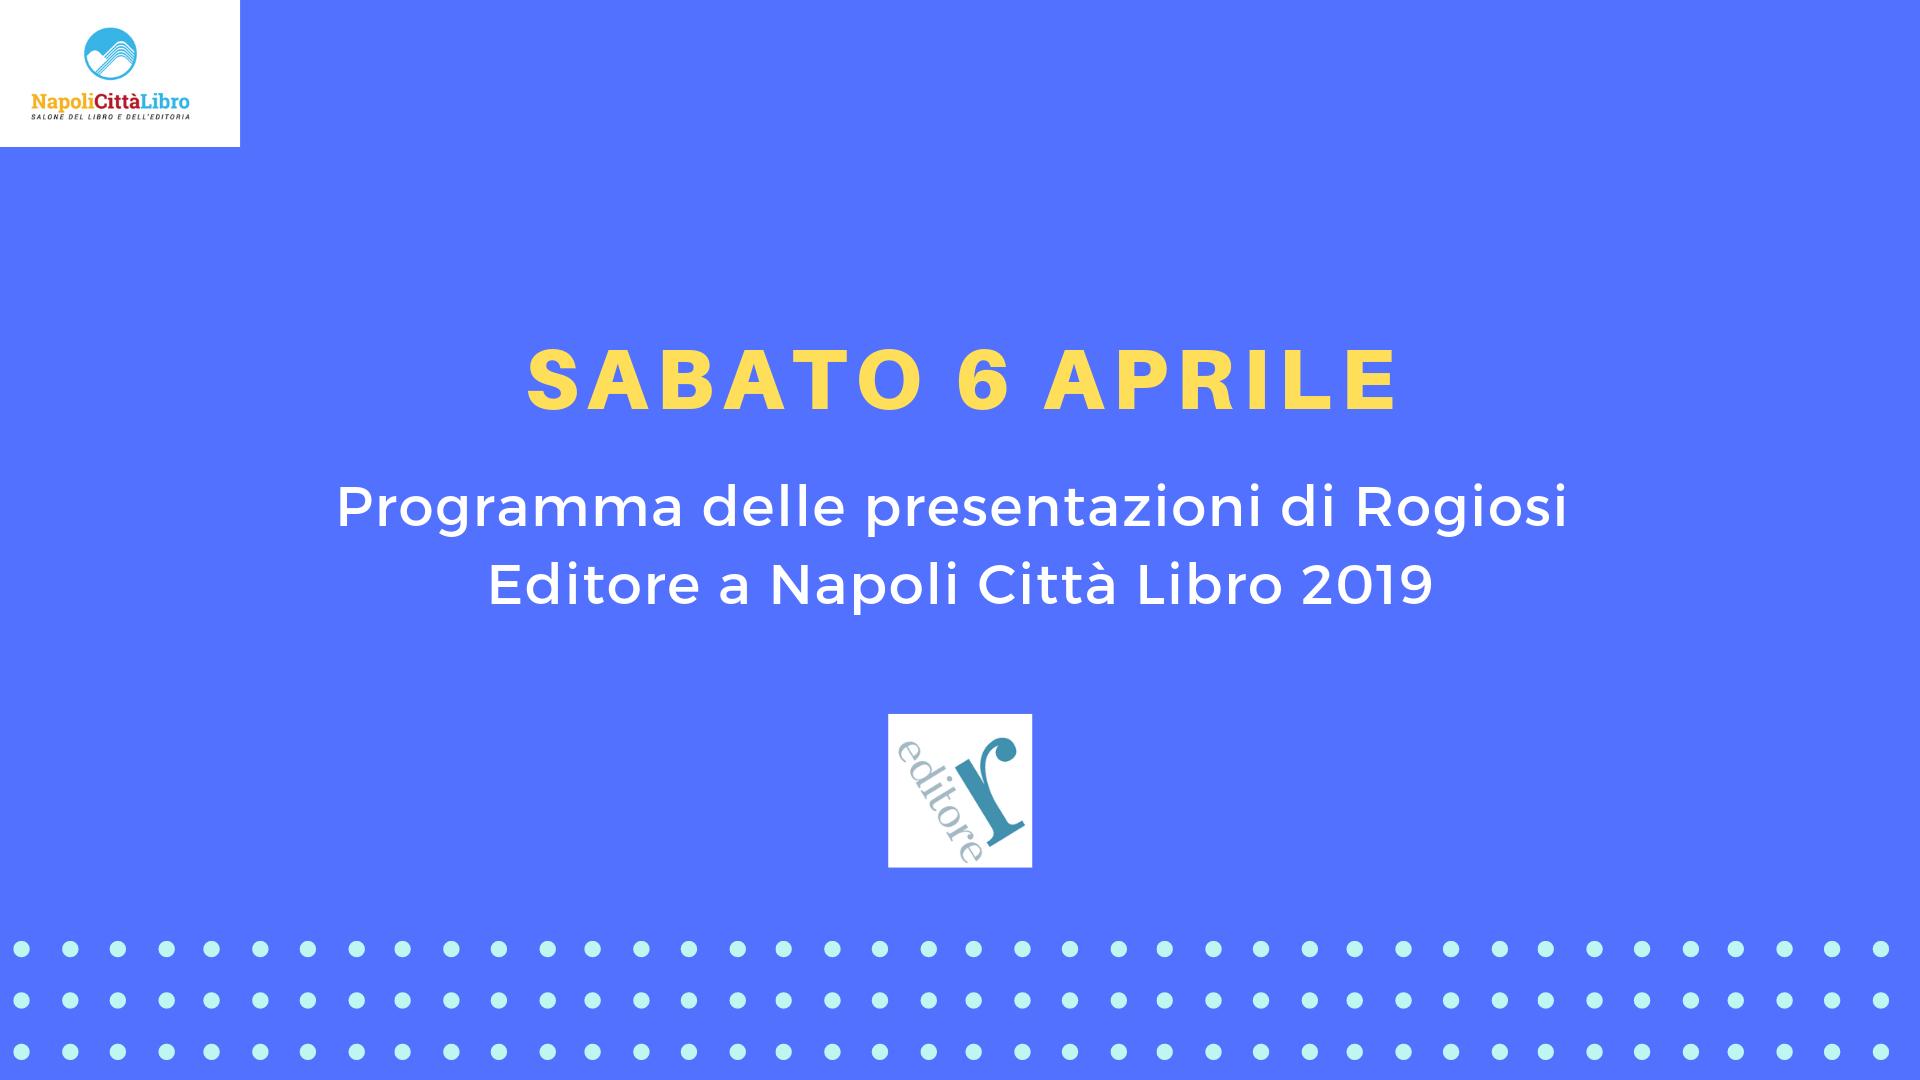 Sabato 6 Aprile: le nostre presentazioni a NapoliCittàLibro